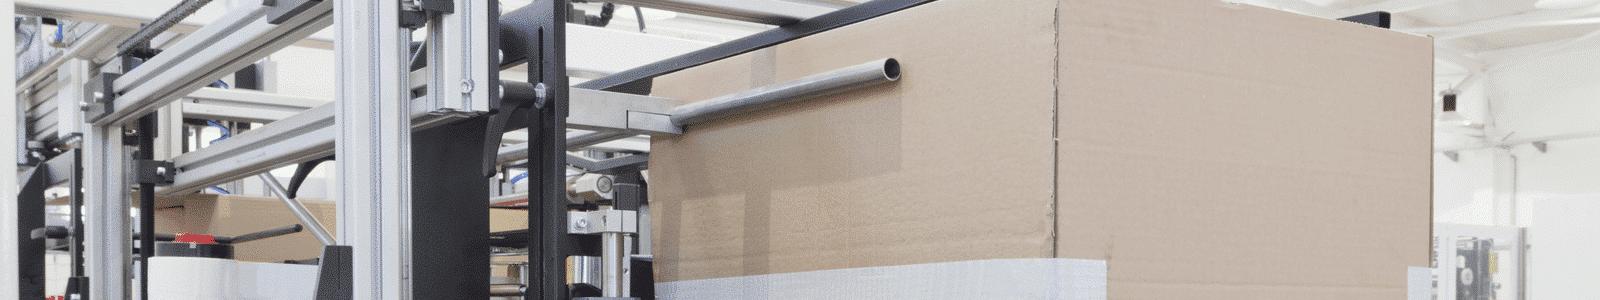 Vollautomatische Verpackungsmaschine